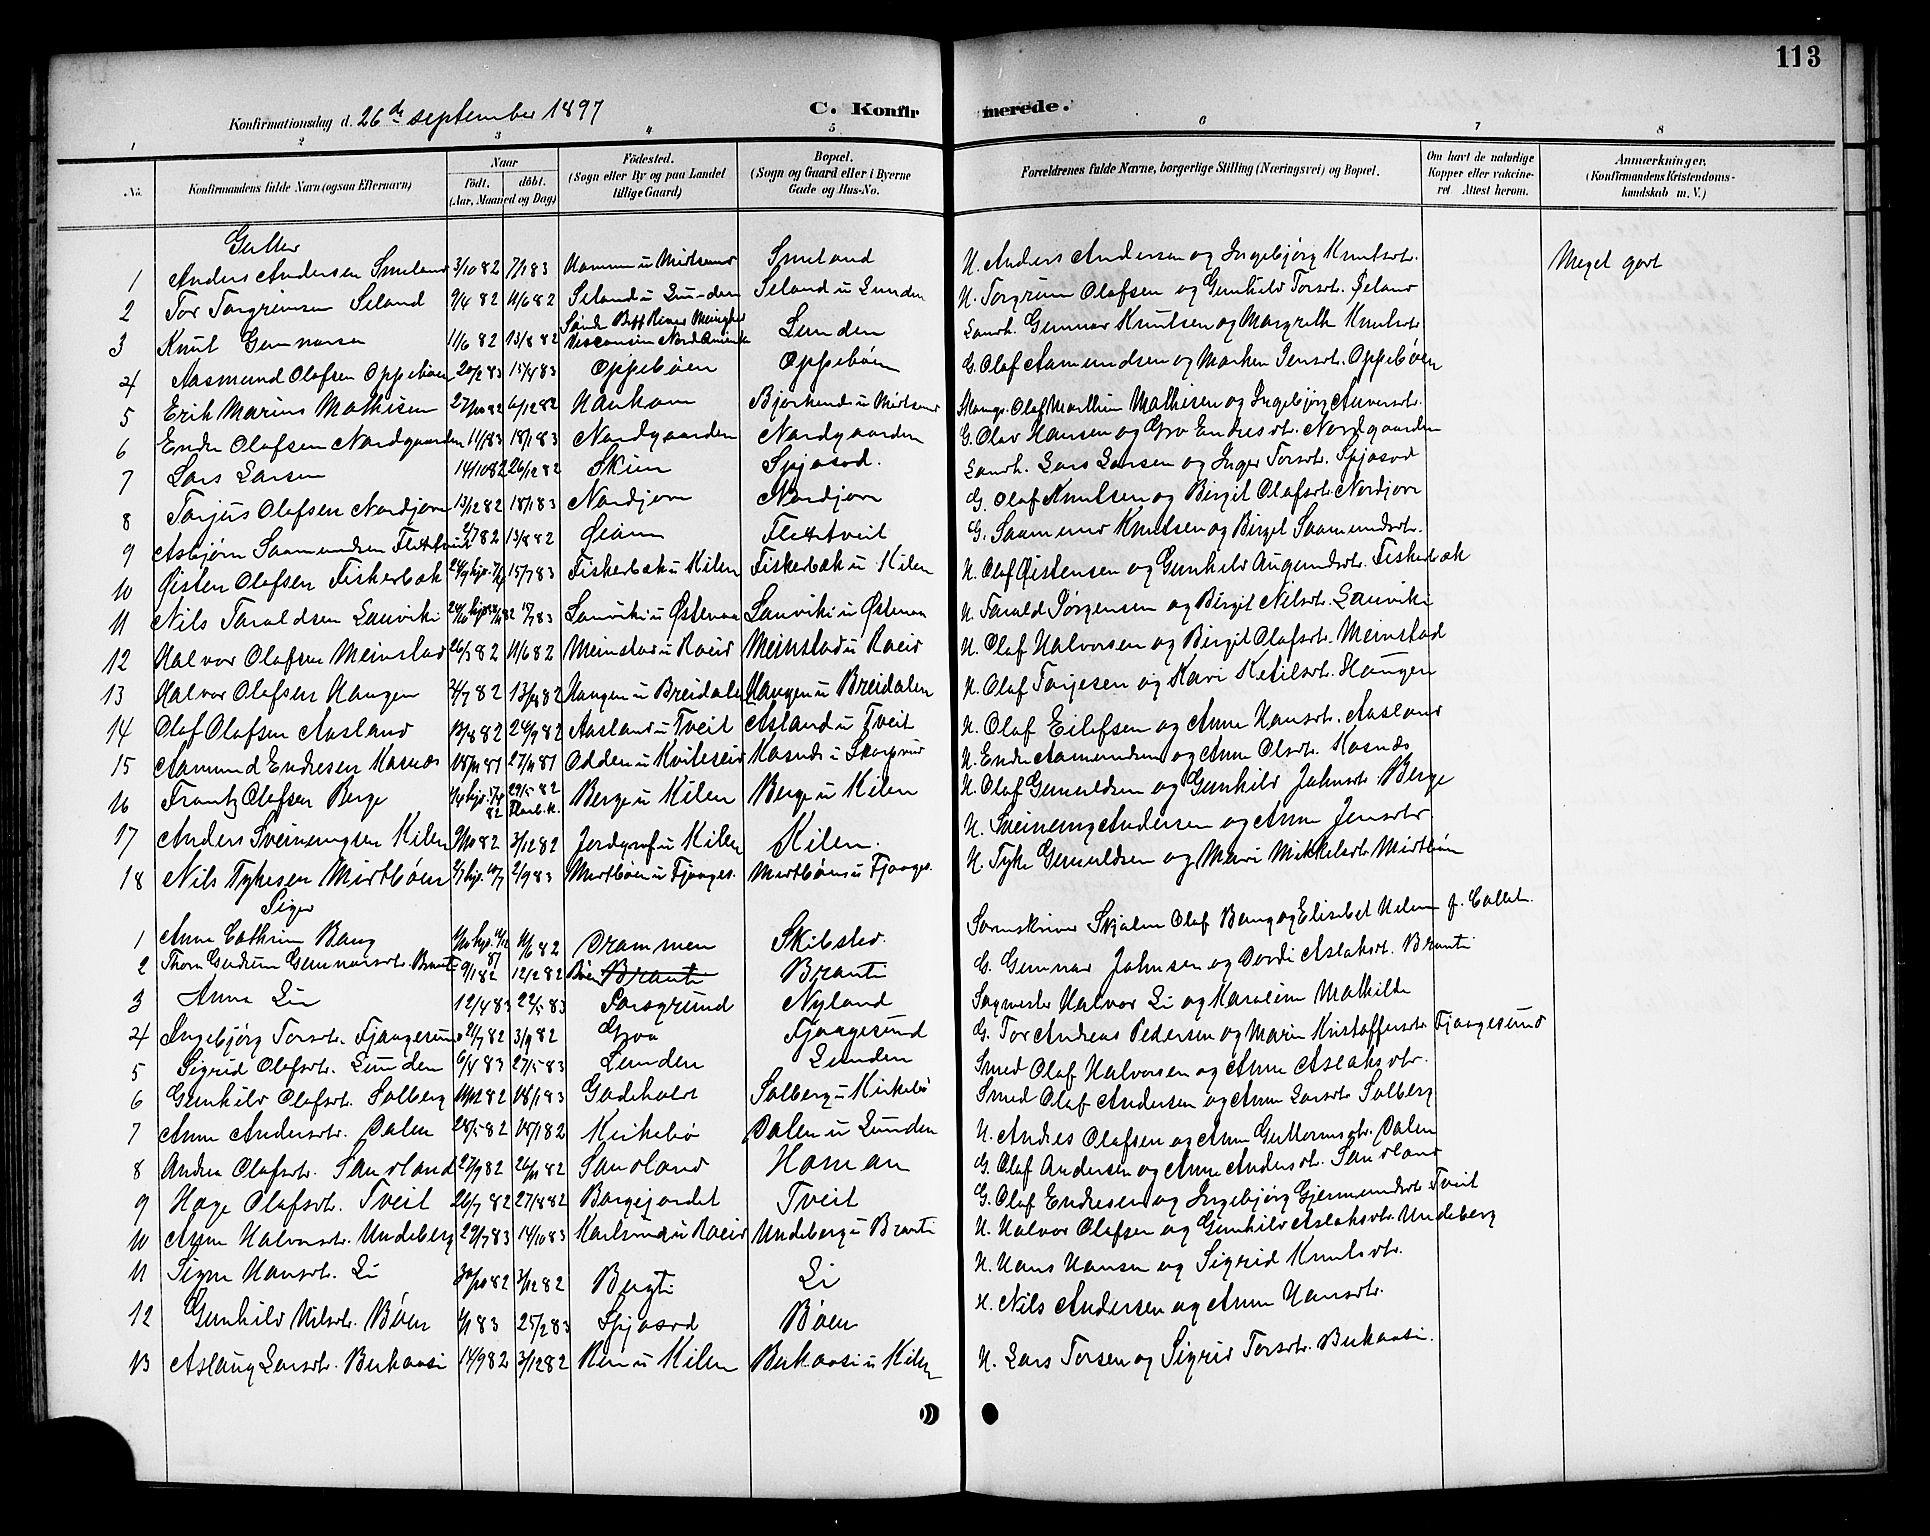 SAKO, Kviteseid kirkebøker, G/Ga/L0002: Klokkerbok nr. I 2, 1893-1918, s. 113